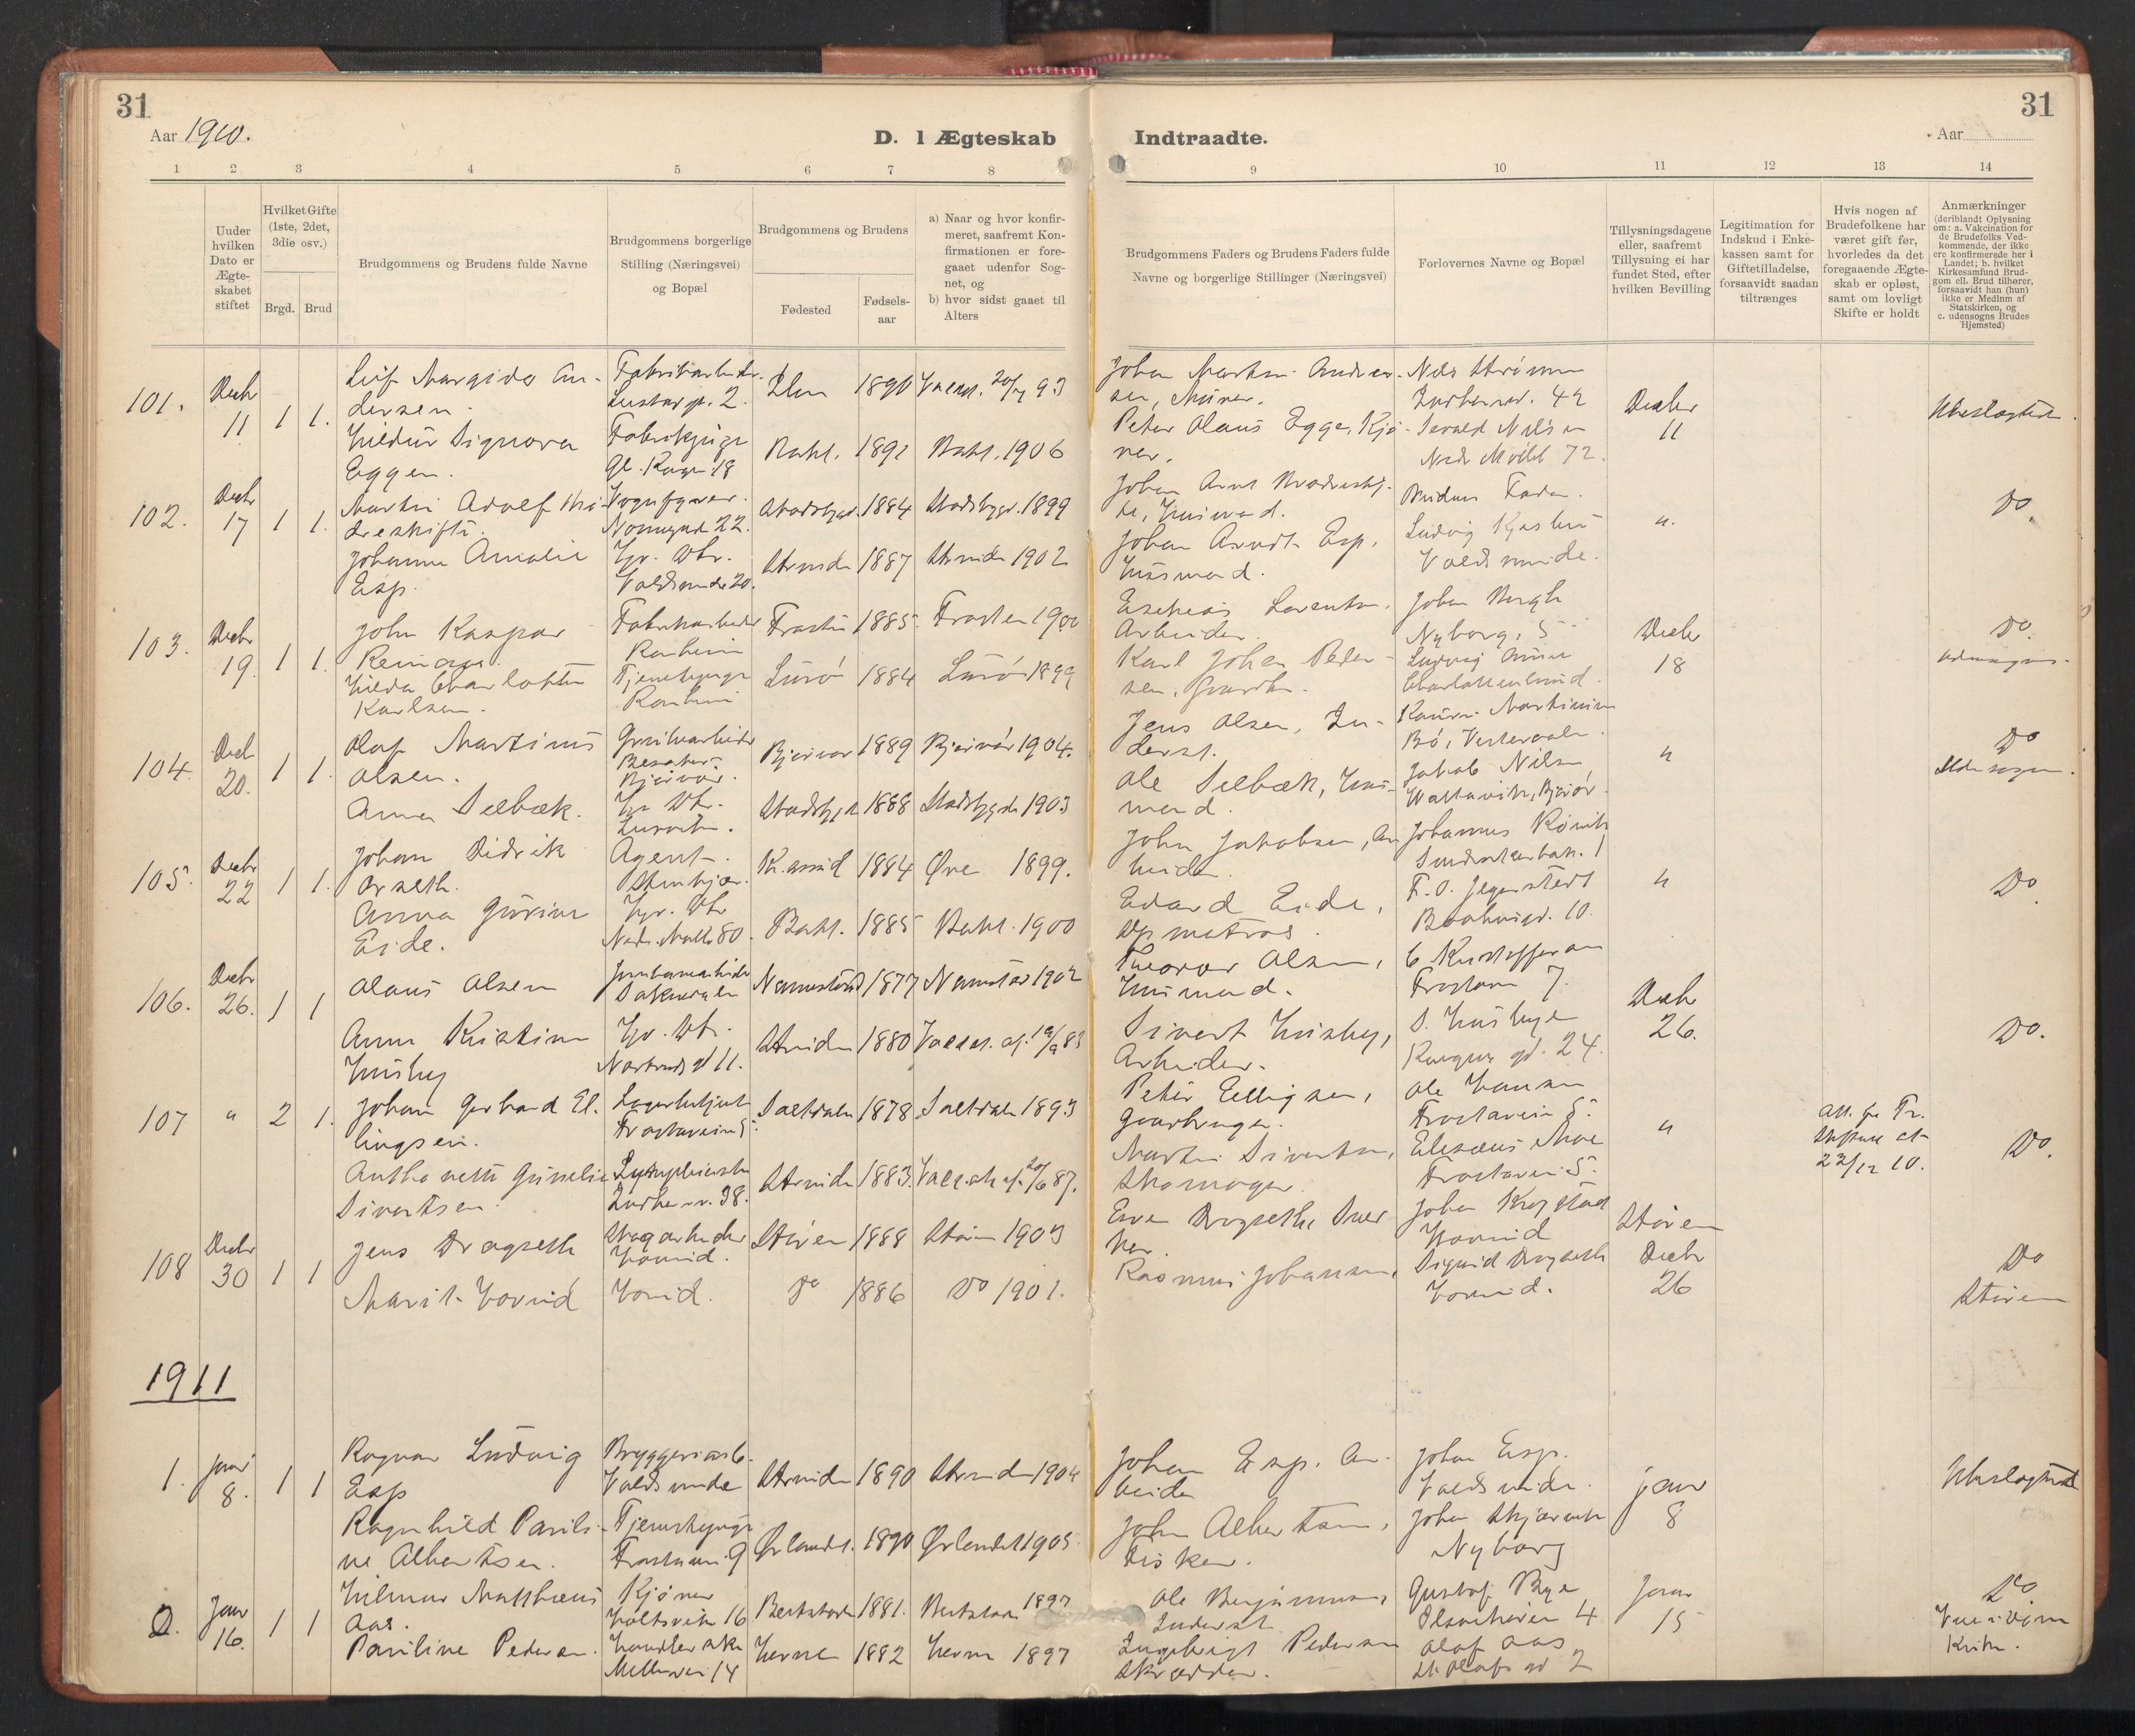 SAT, Ministerialprotokoller, klokkerbøker og fødselsregistre - Sør-Trøndelag, 605/L0244: Ministerialbok nr. 605A06, 1908-1954, s. 31